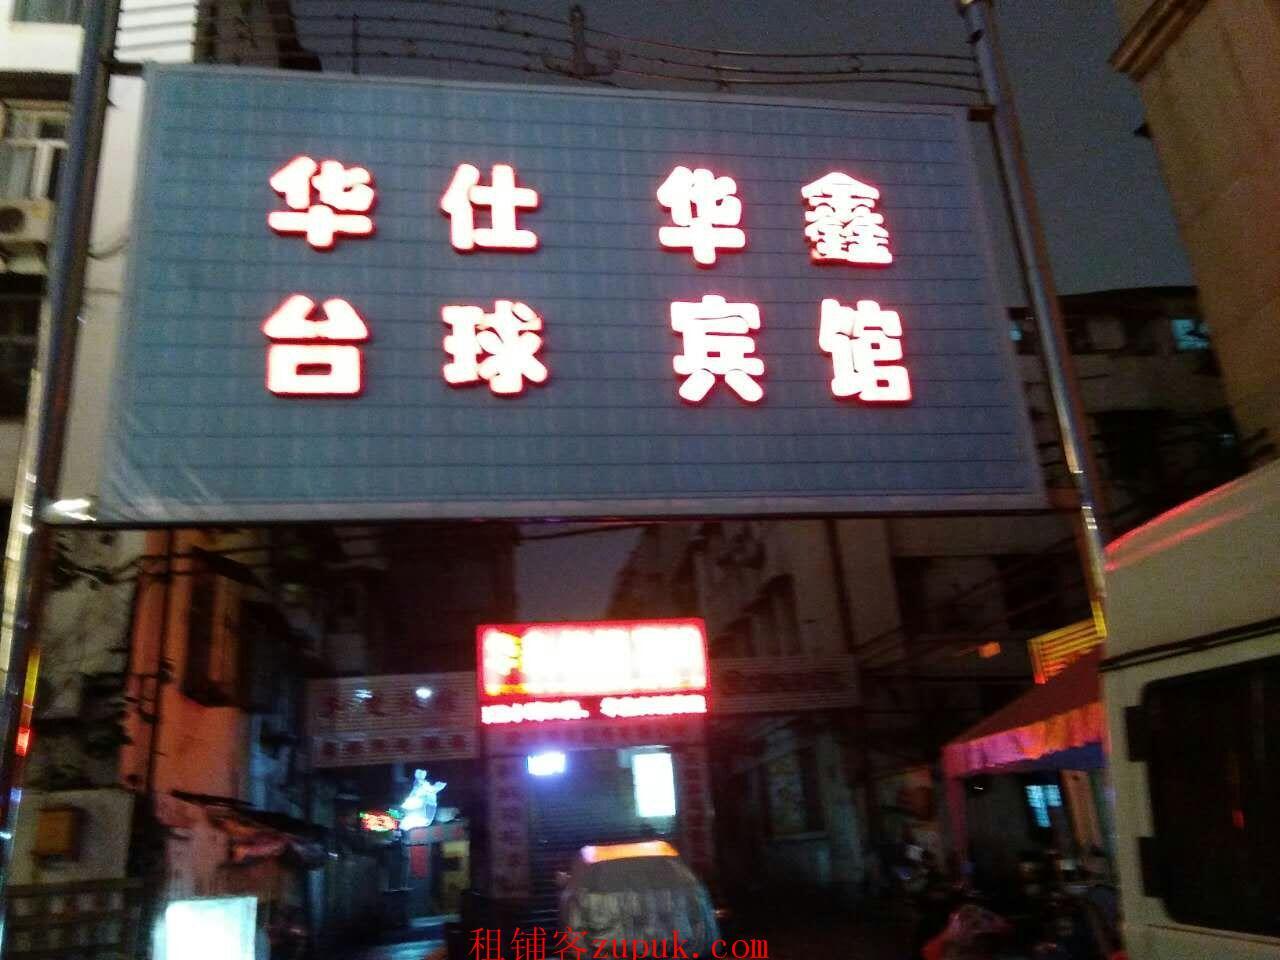 汉口江滩台球俱乐部超低价7W转让机会难得